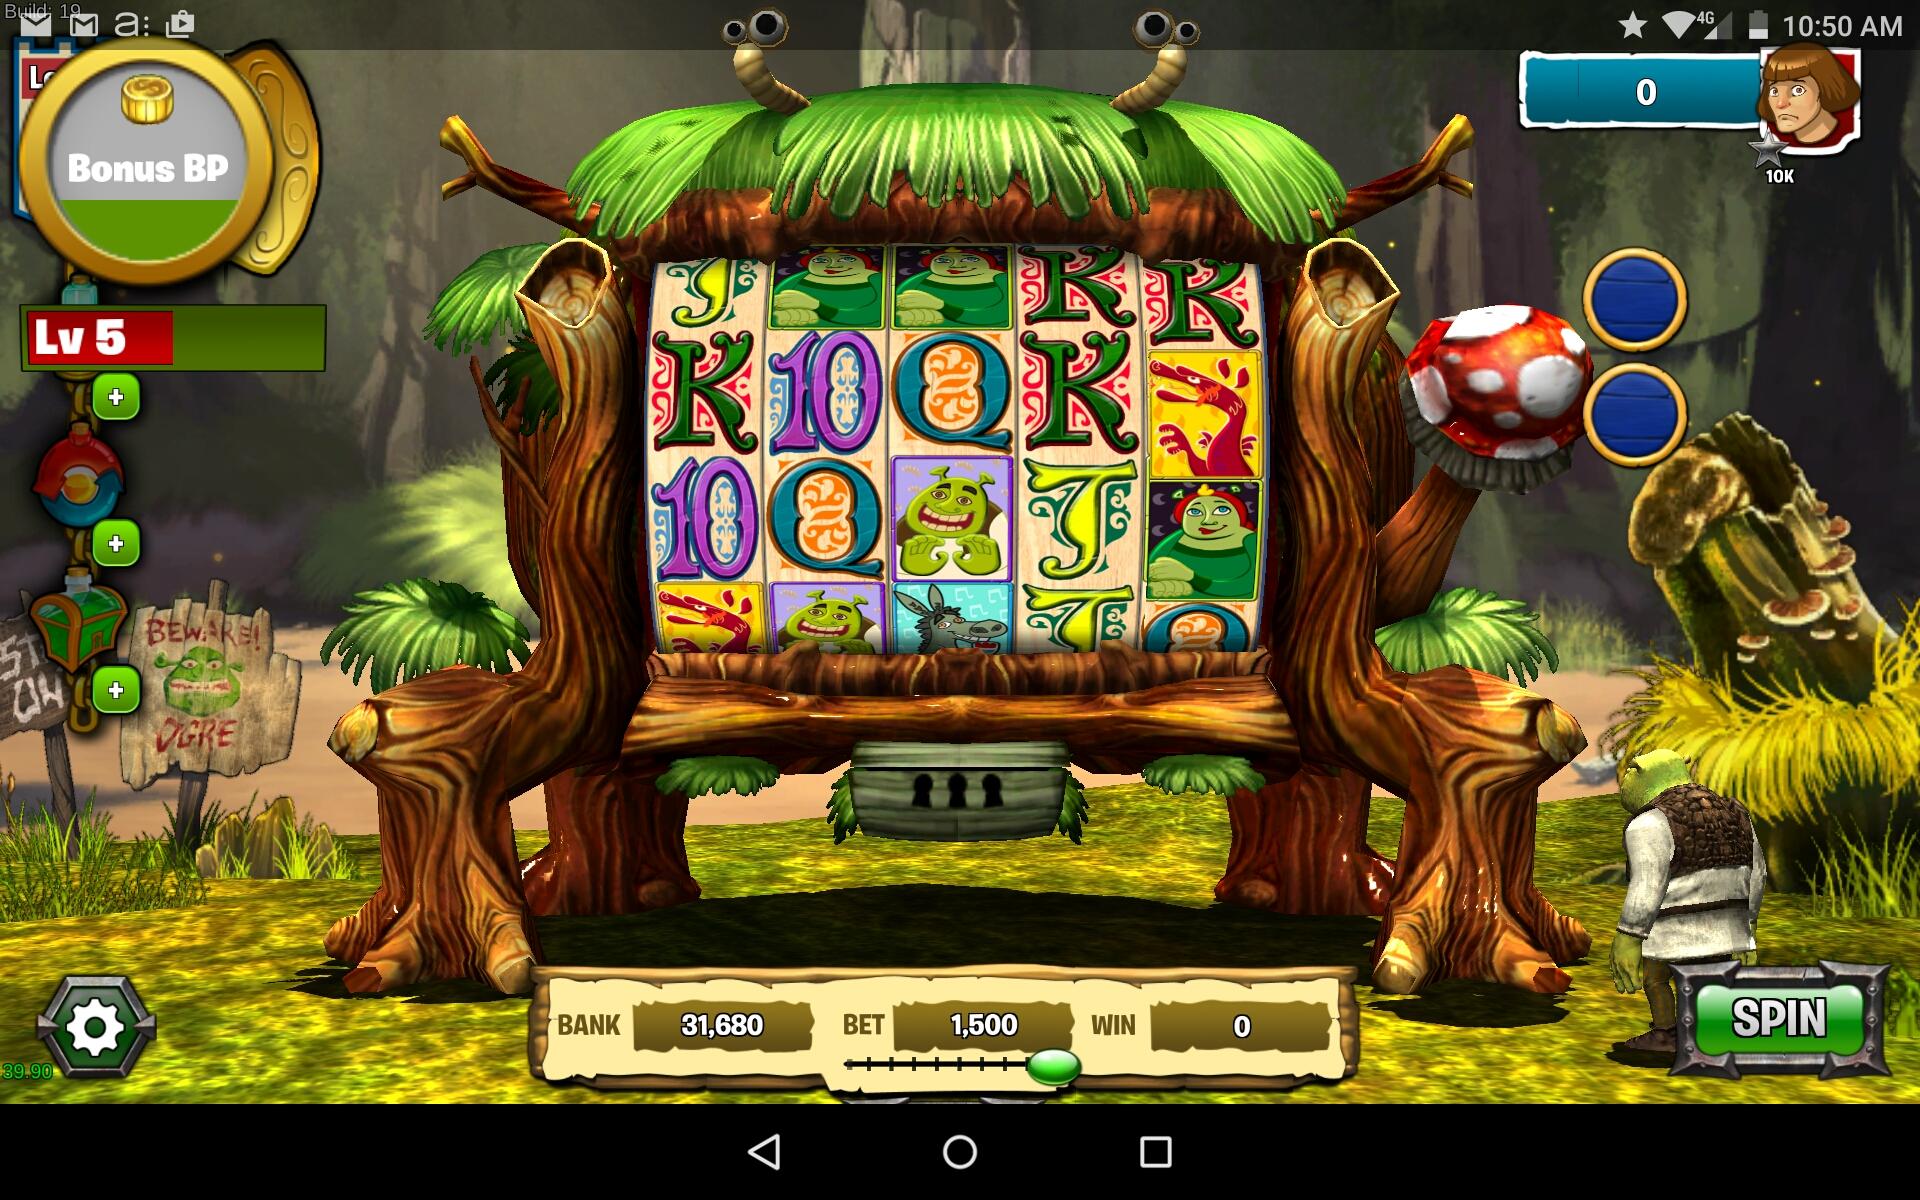 Shrek Vs Slots_20150319_105041